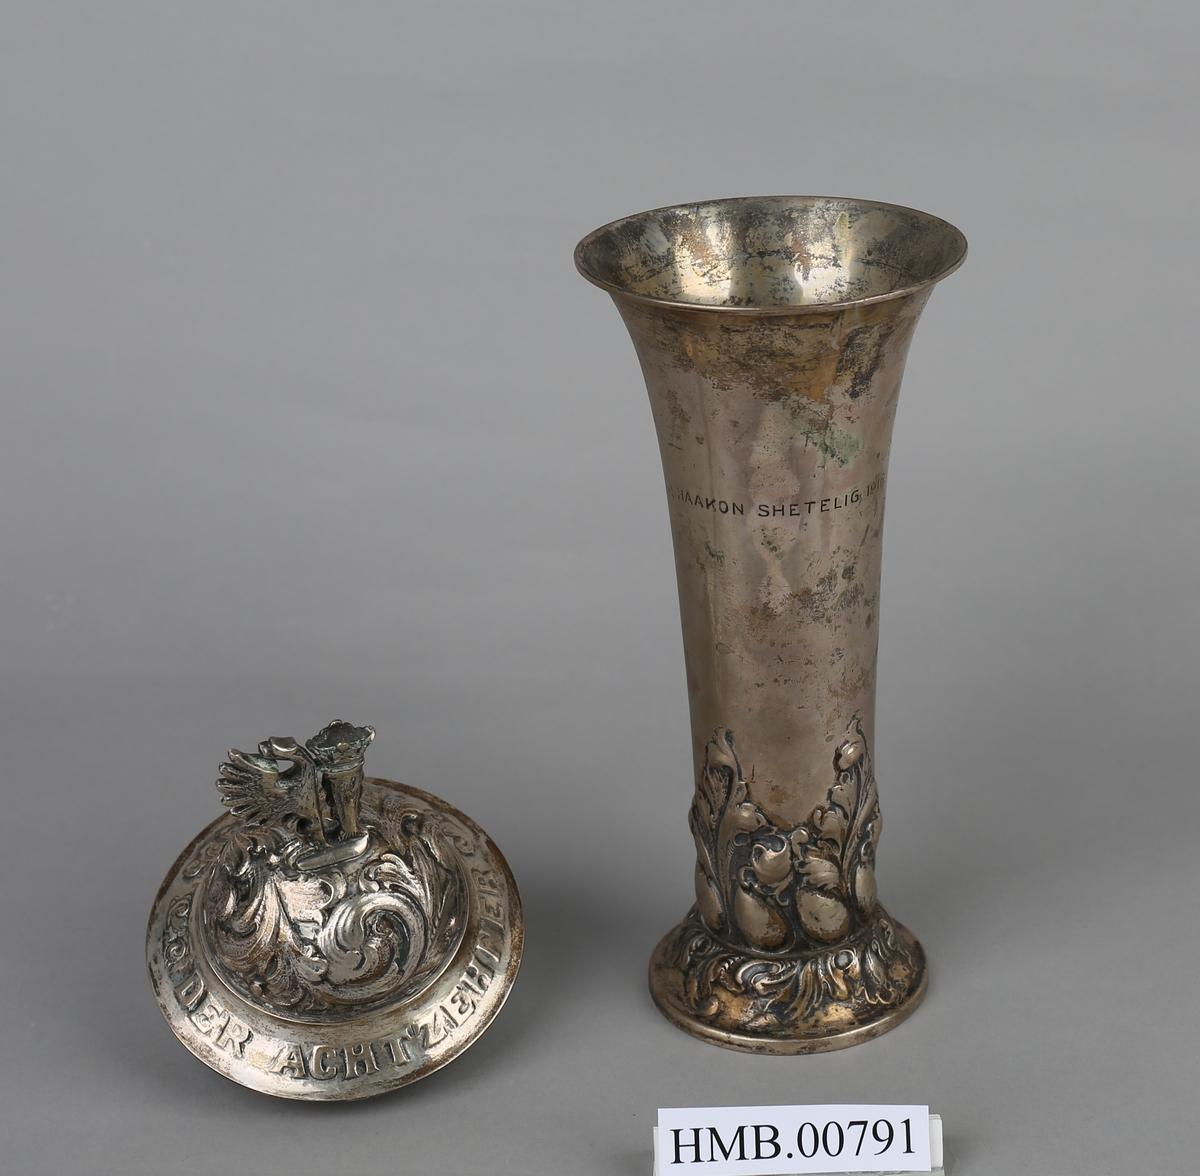 Pokal i sølv med kontorets våpenskjold som dekorasjon.